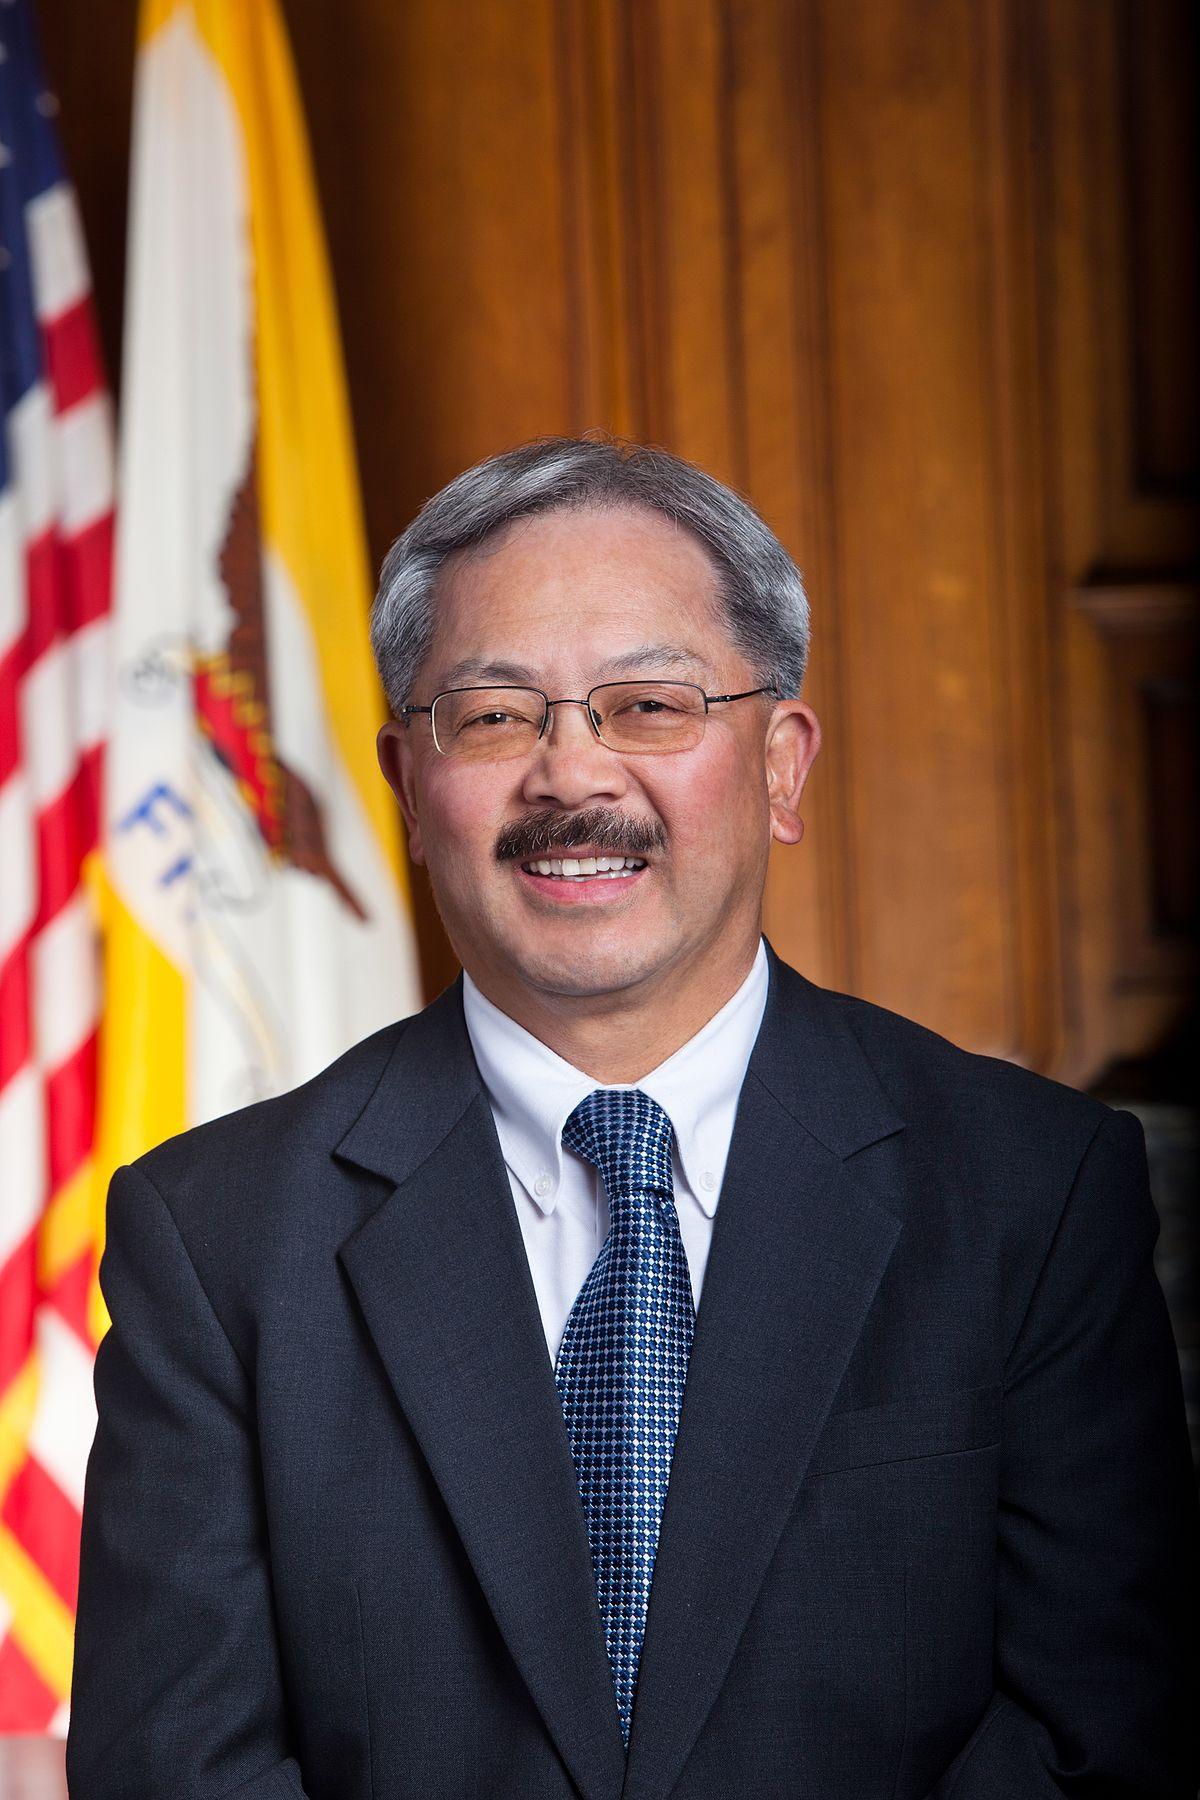 Mayor_Ed_Lee_Headshot_Closeup.jpg